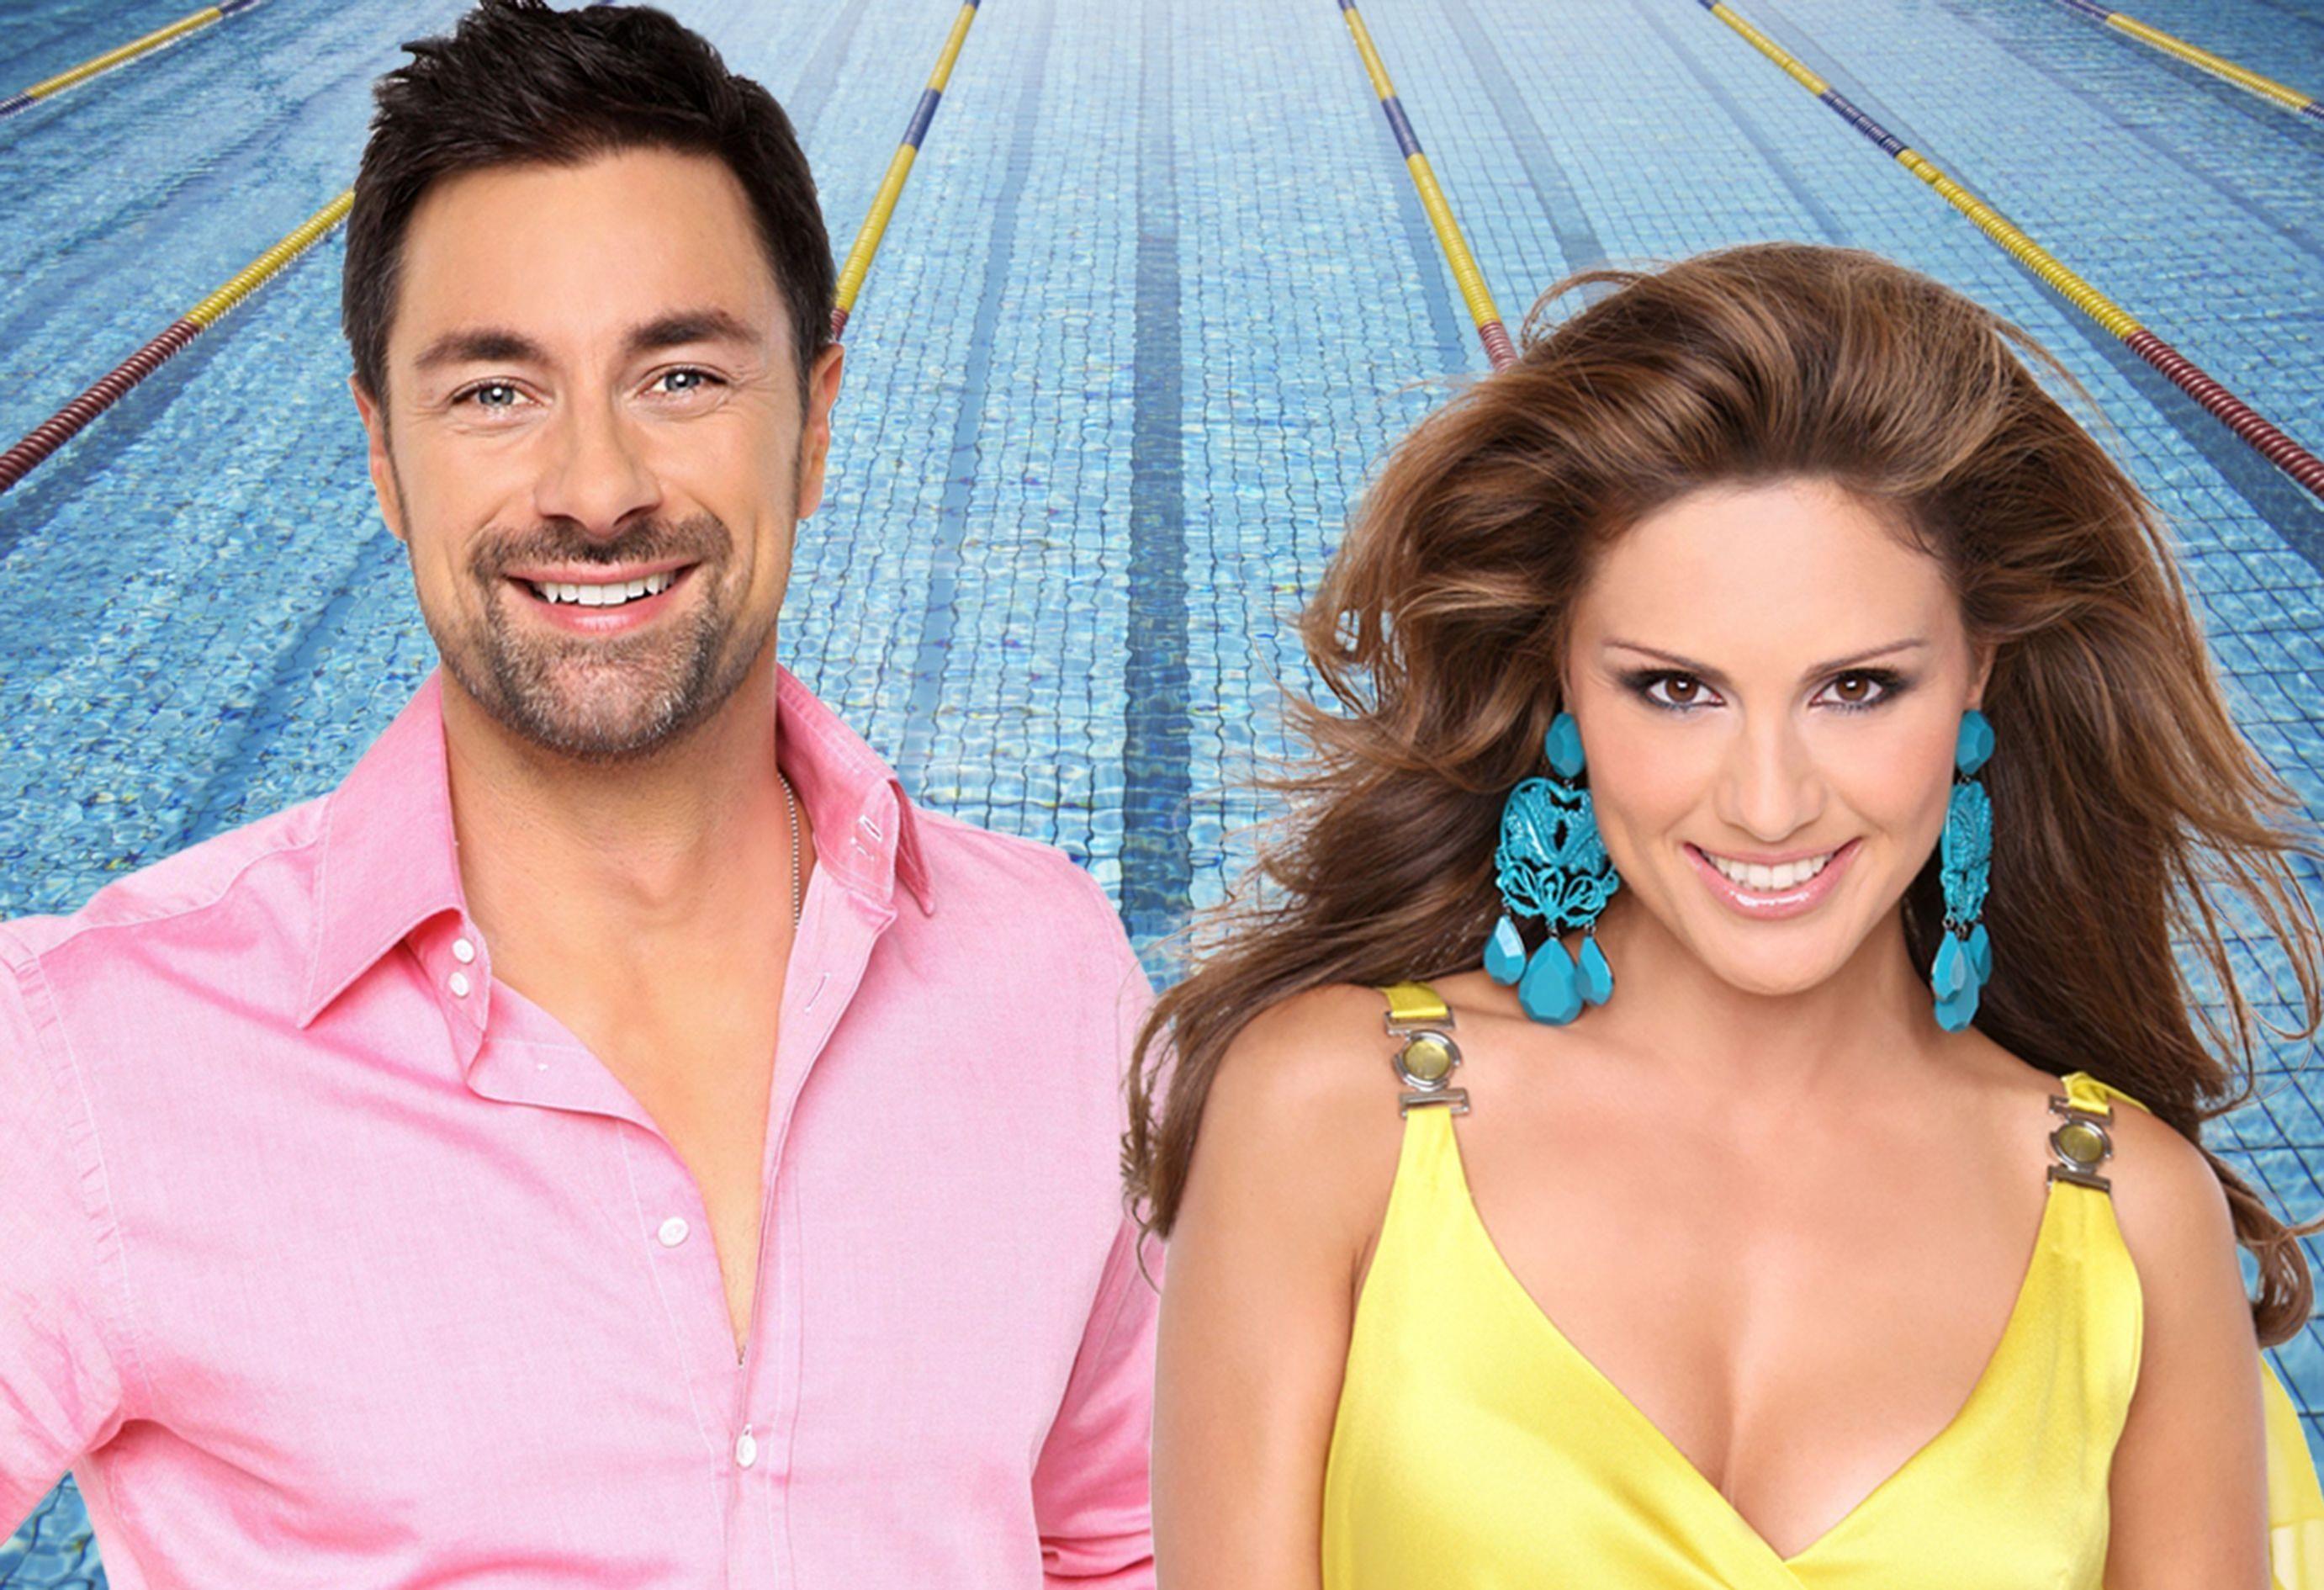 Die Pool Champions 2013: Wer fliegt raus? Wer kommt weiter? › Stars on TV #PoolChampions #RTL